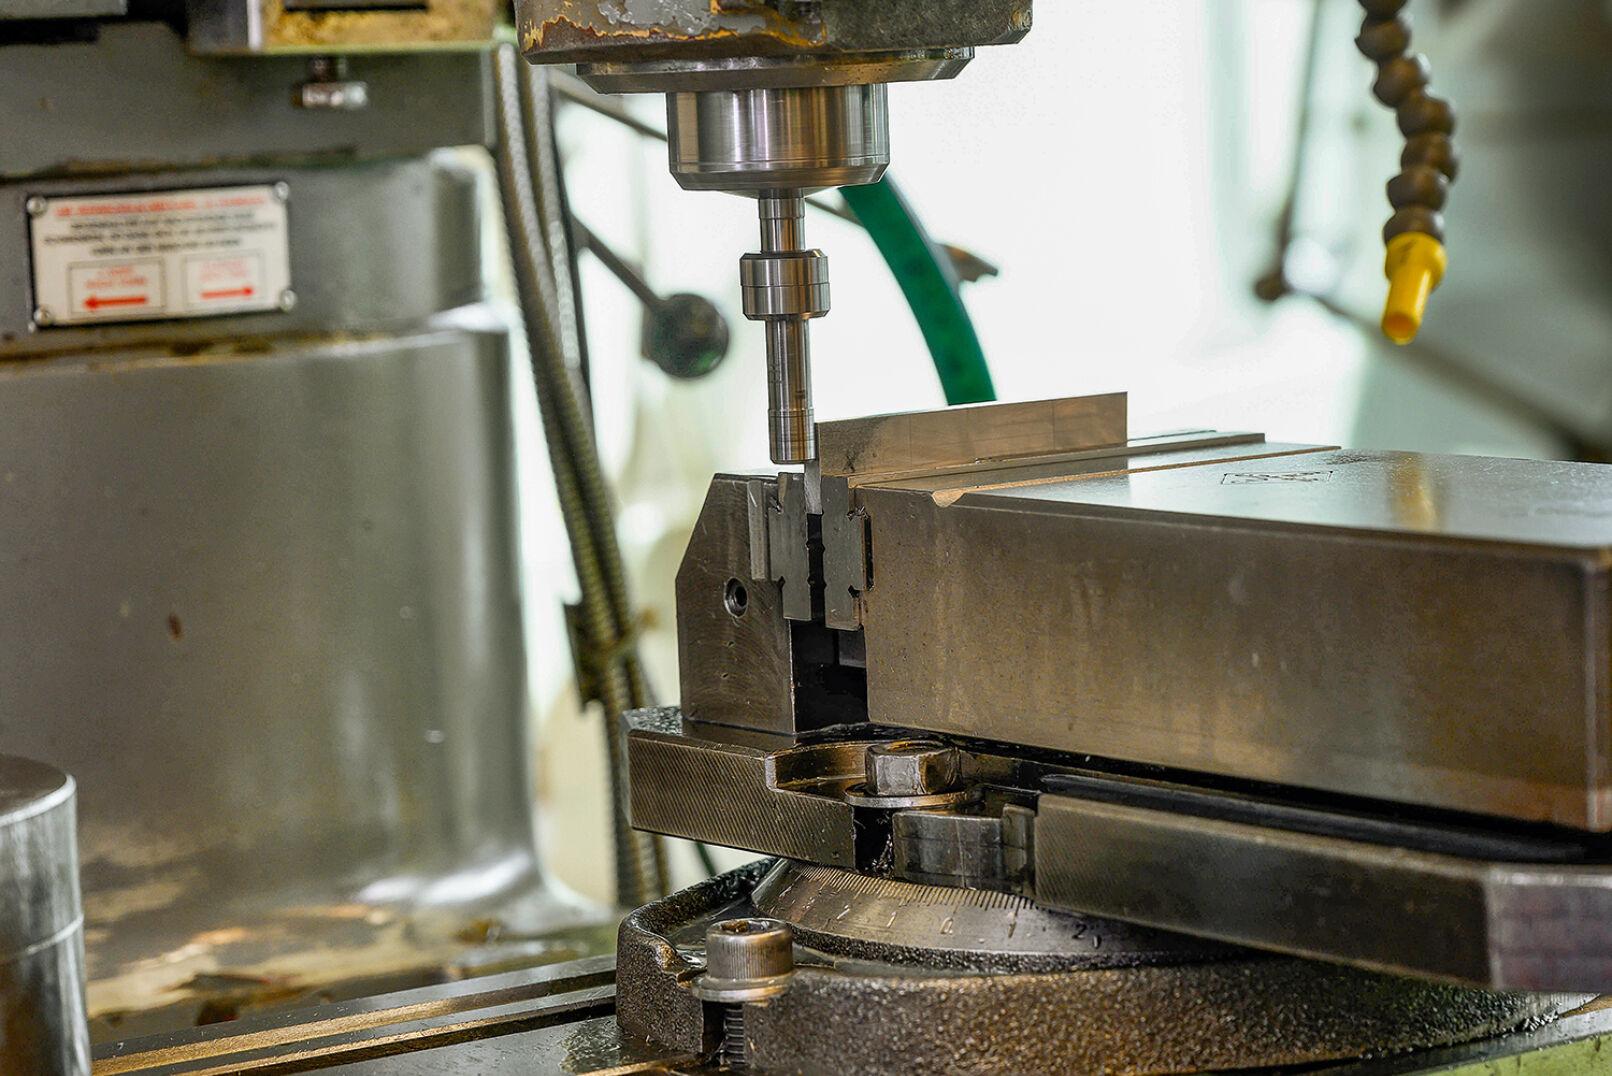 Im Werkstättenunterricht kommen diverse Maschinen zum Einsatz. - © Barbara Marko